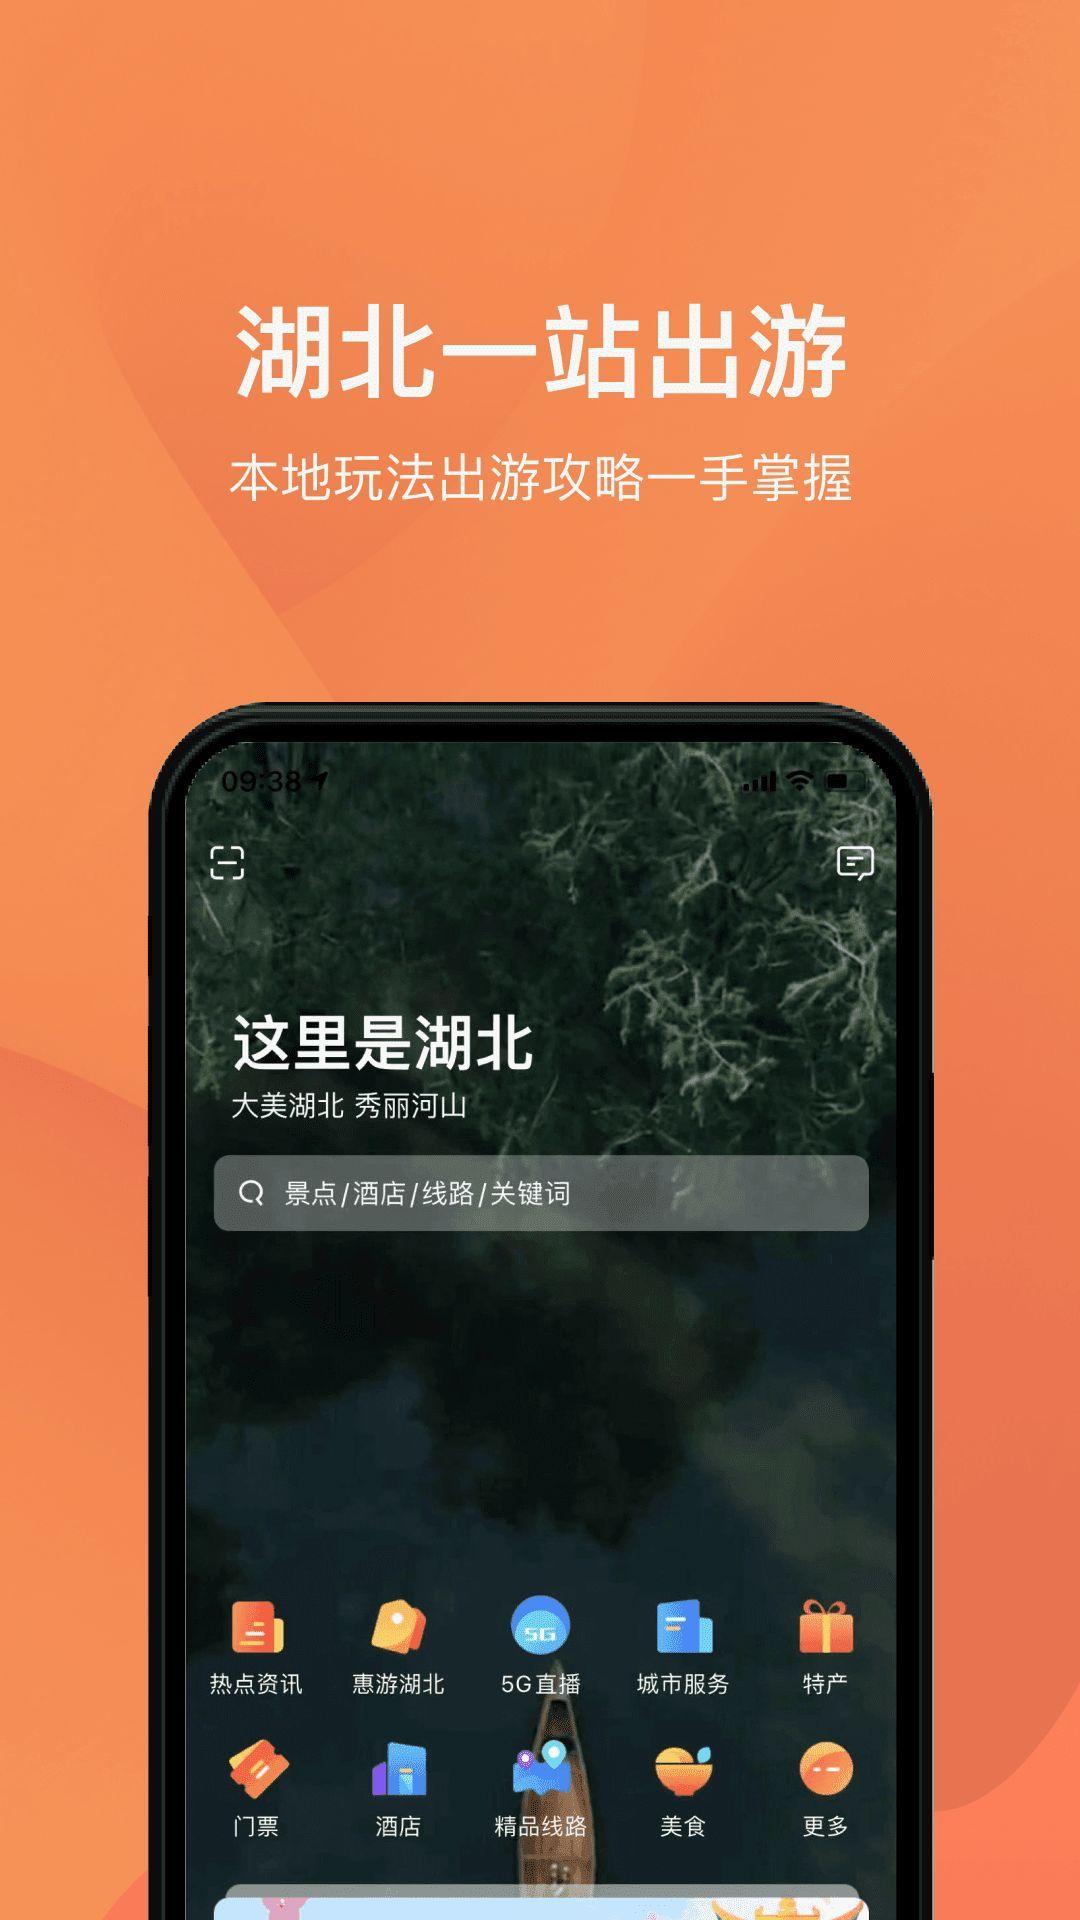 畅游湖北app官方客户端图片1